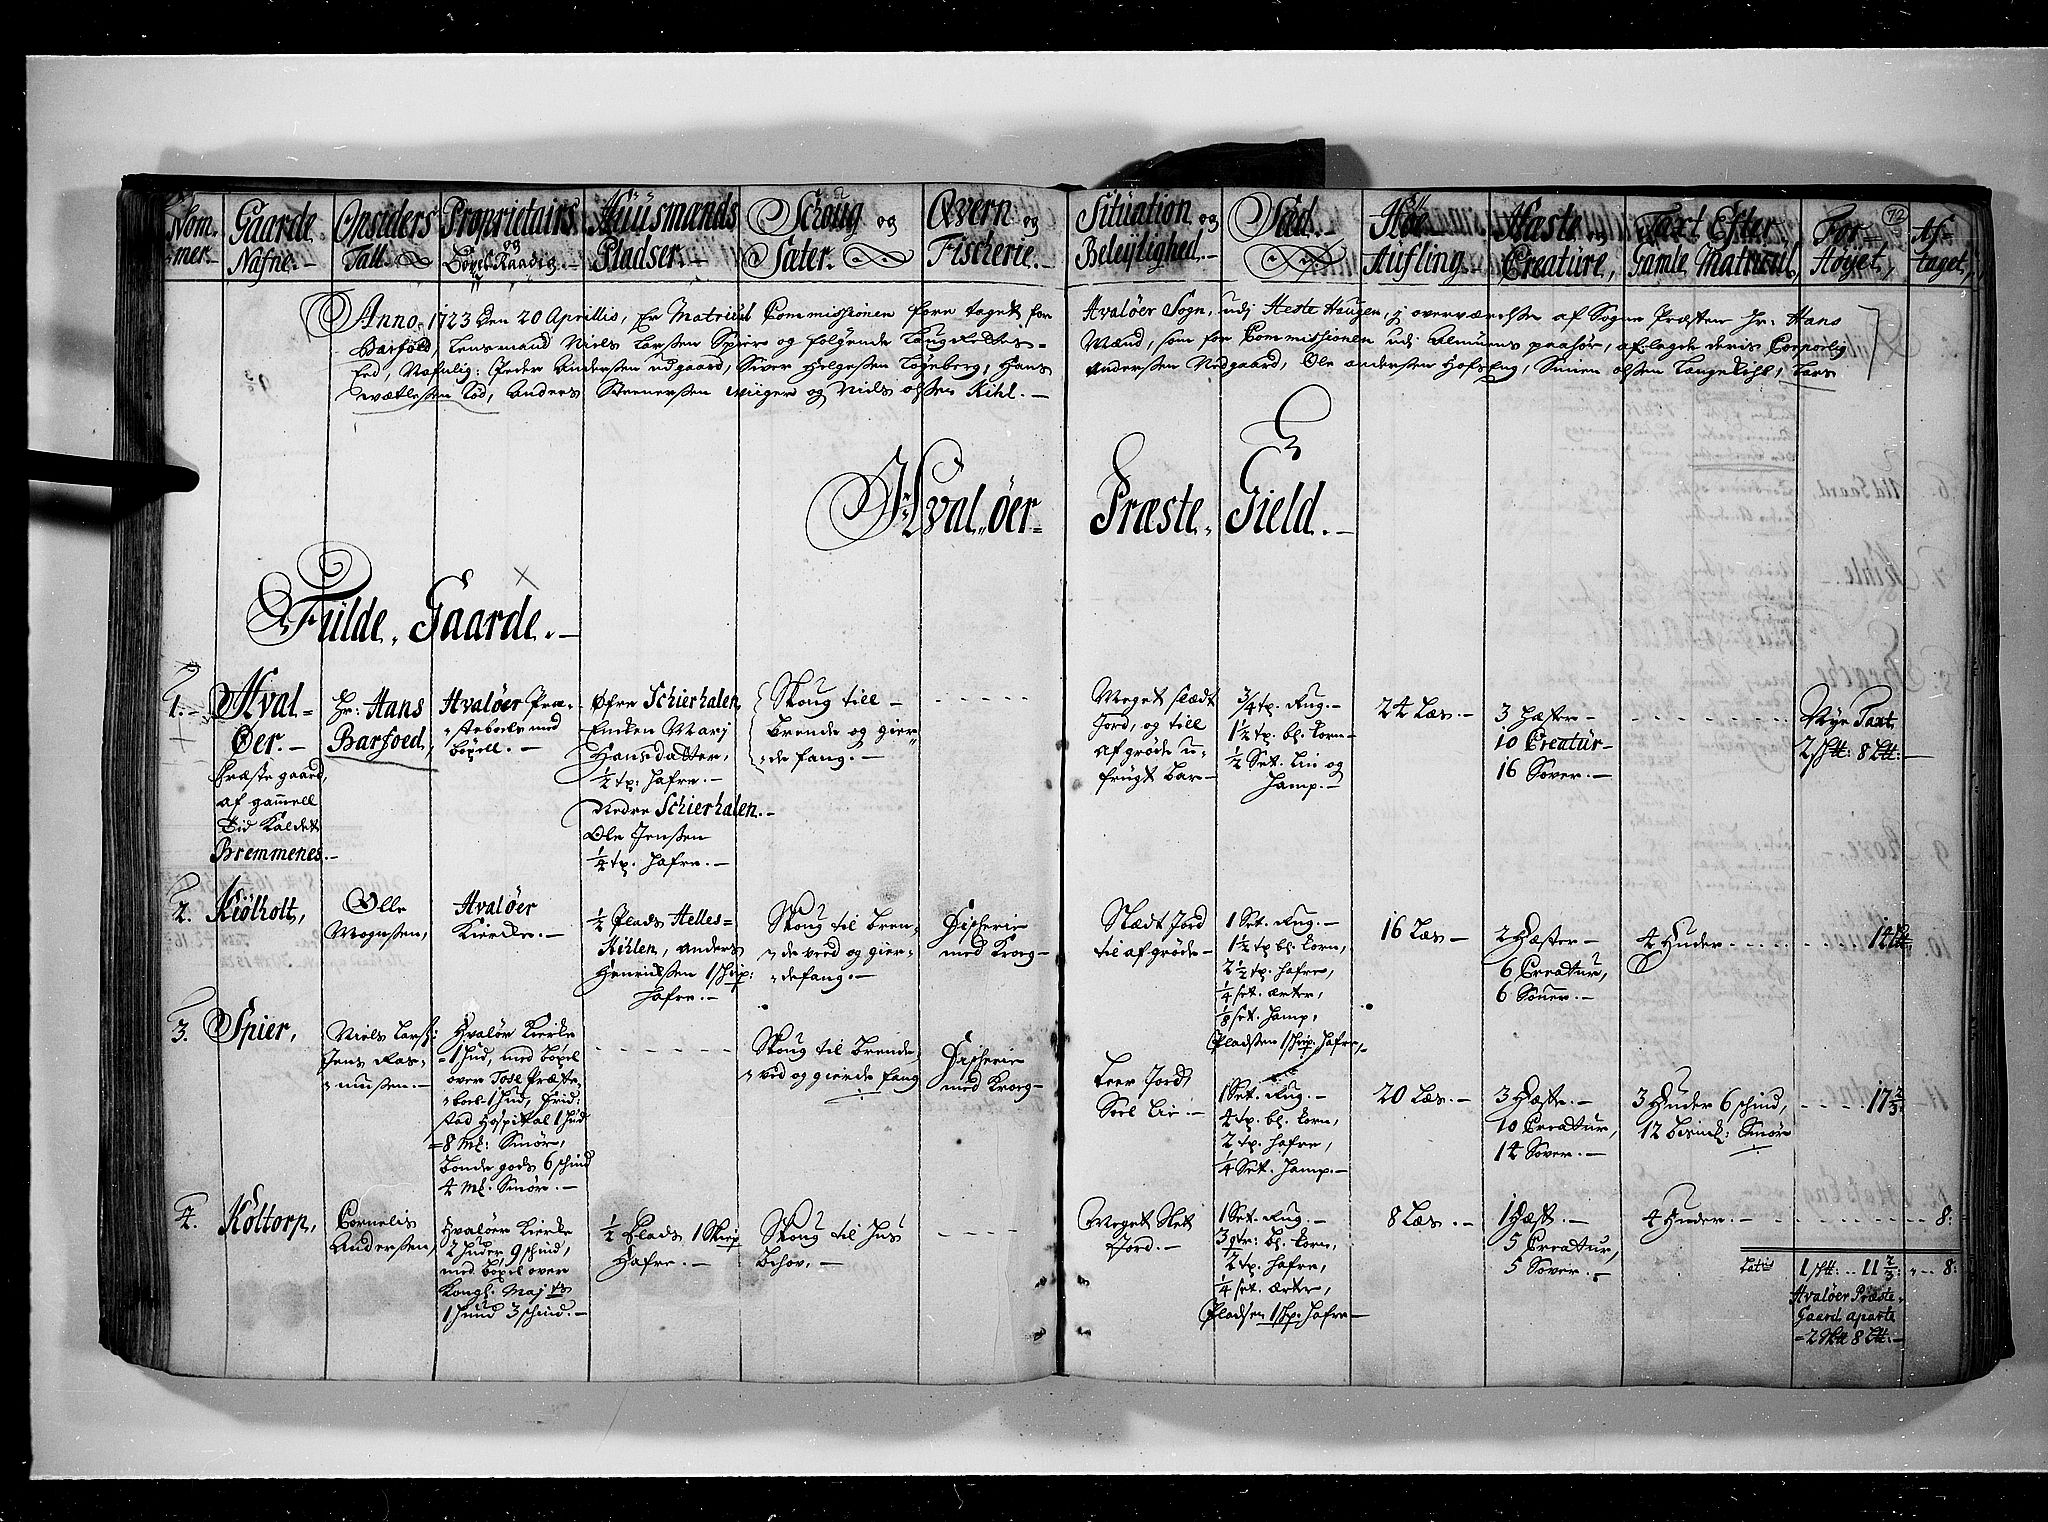 RA, Rentekammeret inntil 1814, Realistisk ordnet avdeling, N/Nb/Nbf/L0095: Moss, Onsøy, Tune og Veme eksaminasjonsprotokoll, 1723, s. 71b-72a